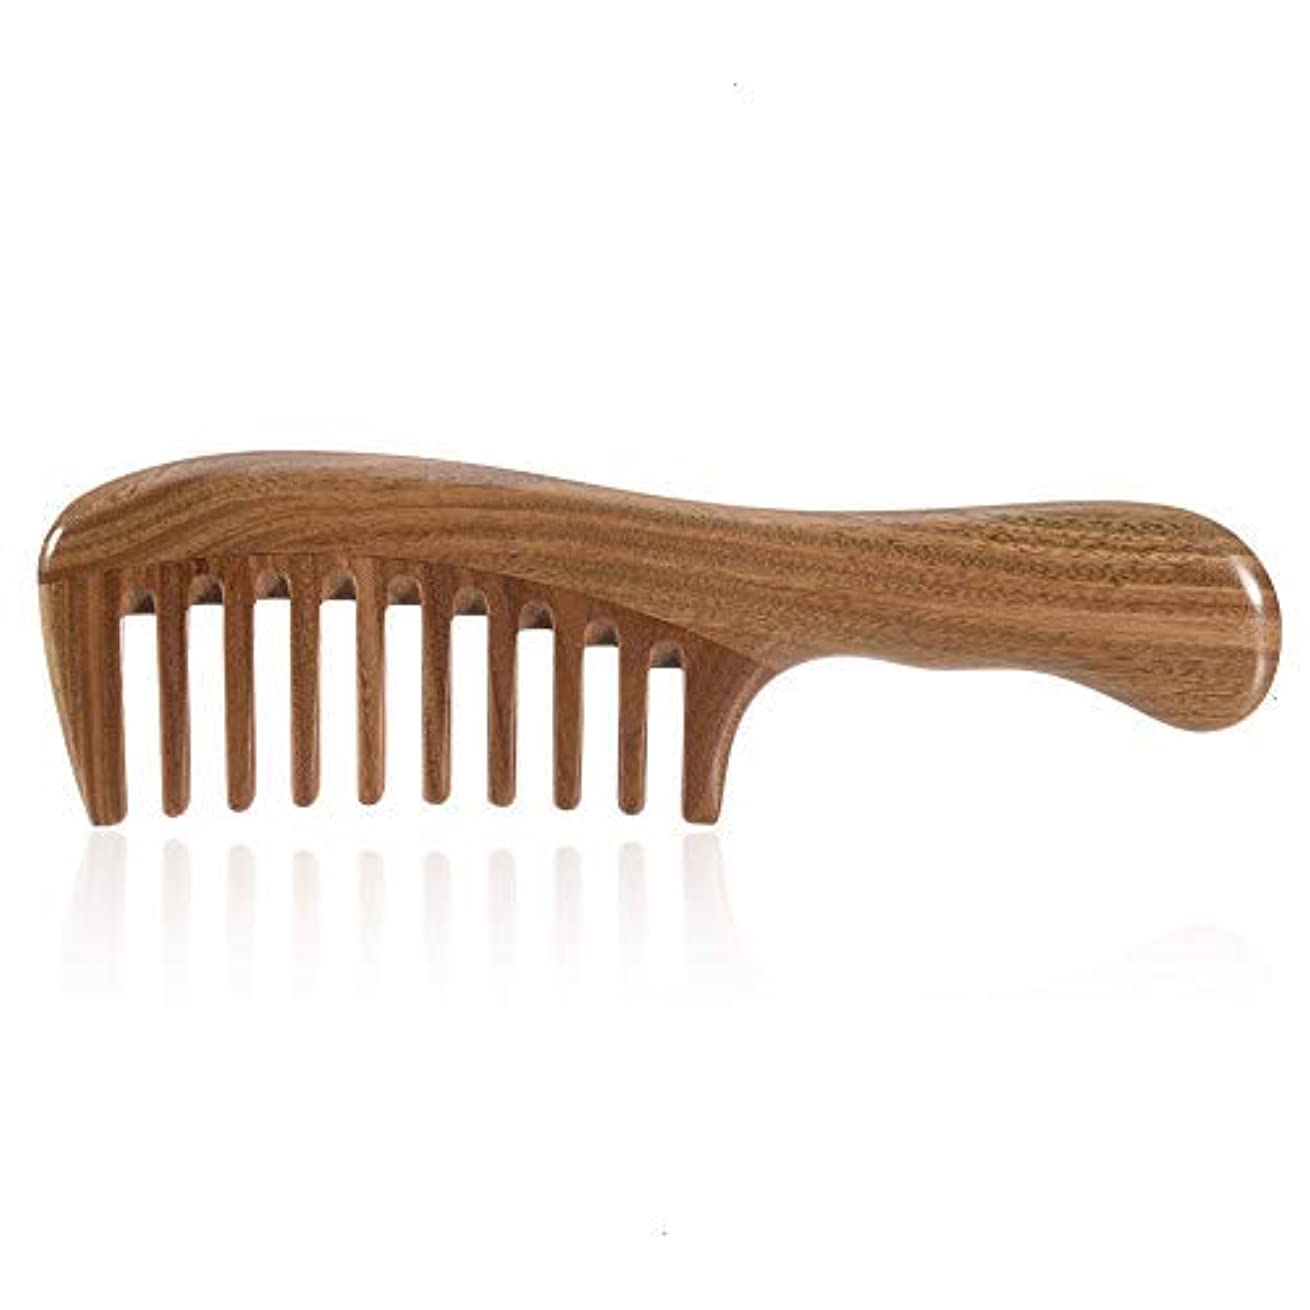 誰でもパンロックFeeko Wooden Comb, 1 PC Wide Tooth Detangling Handmade Natural Green Sandalwood Comb Anti-Static Thick Curly Wavy...